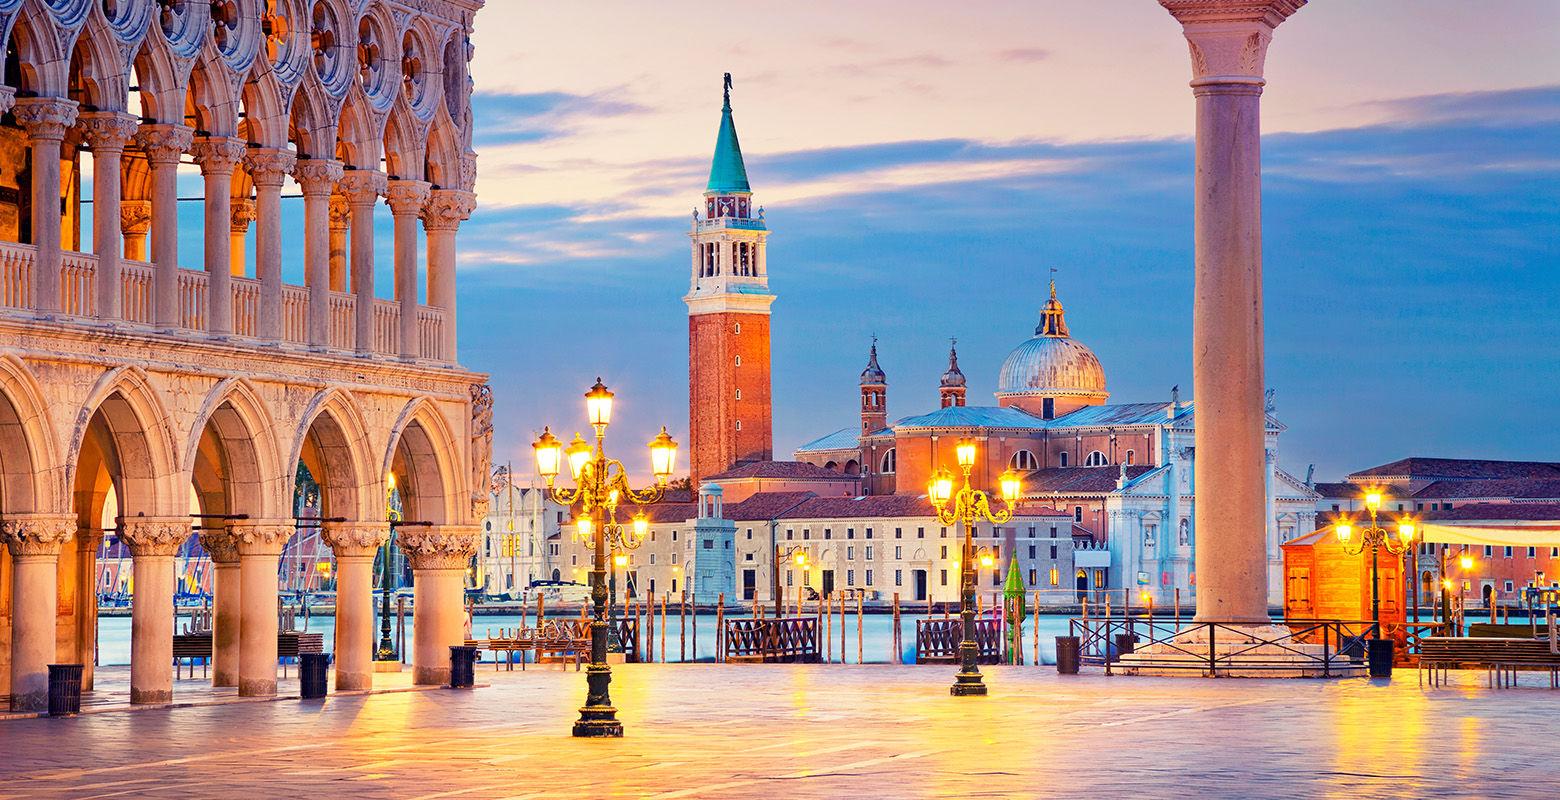 Séjour 3 jours / 2 nuits à l'hôtel 3* Marconi dans Venise (petit-déjeuner) au départ de plusieurs villes, à partir de 112.5€ par personne